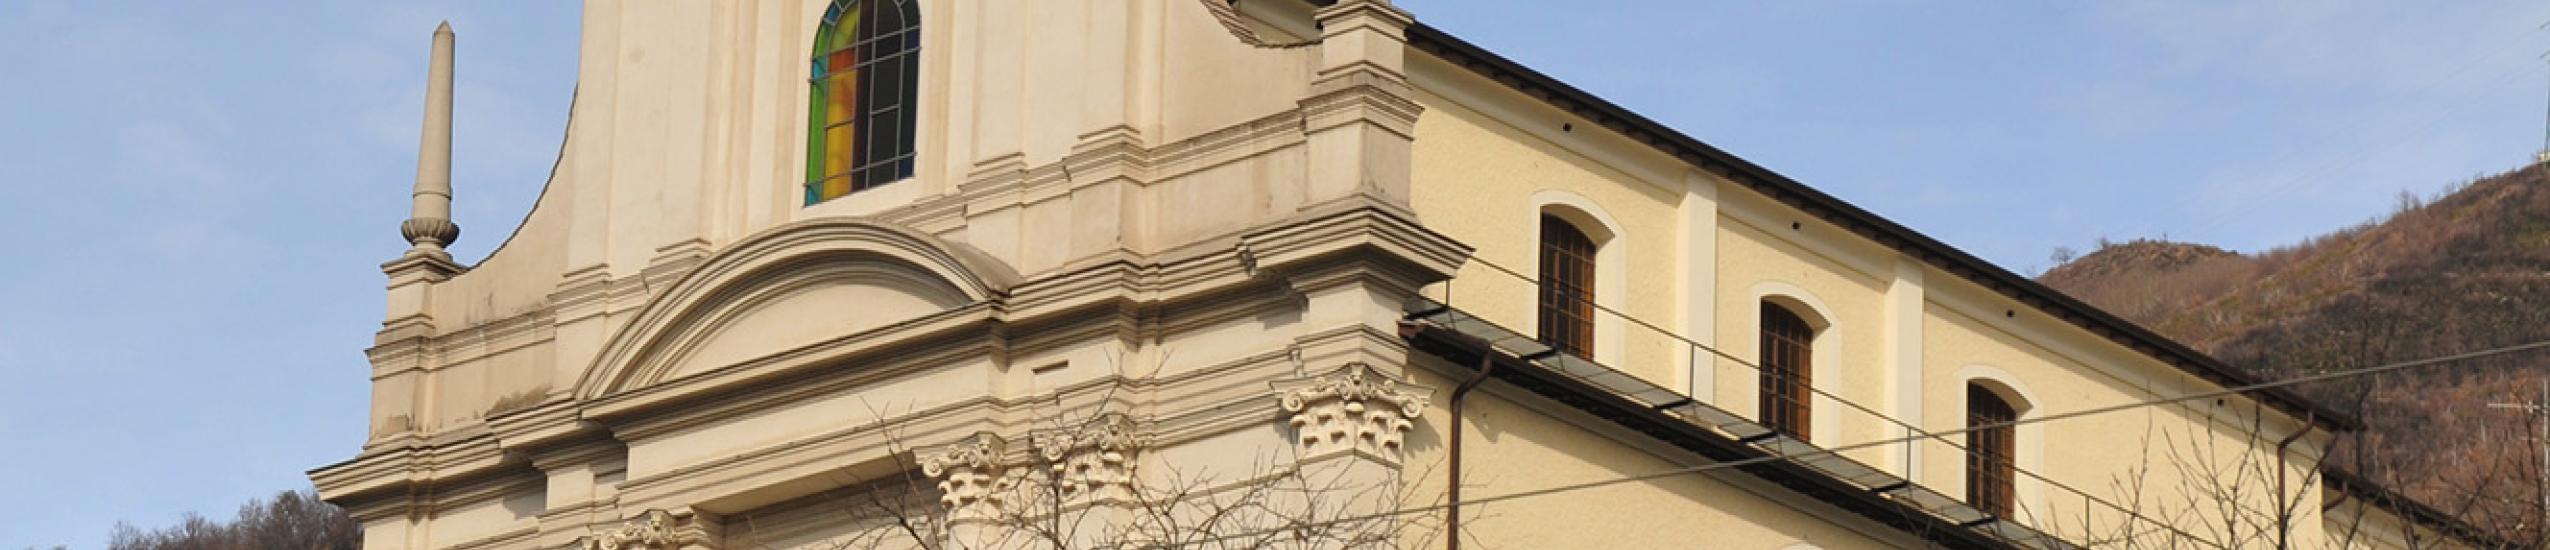 chiesa di Ferrada